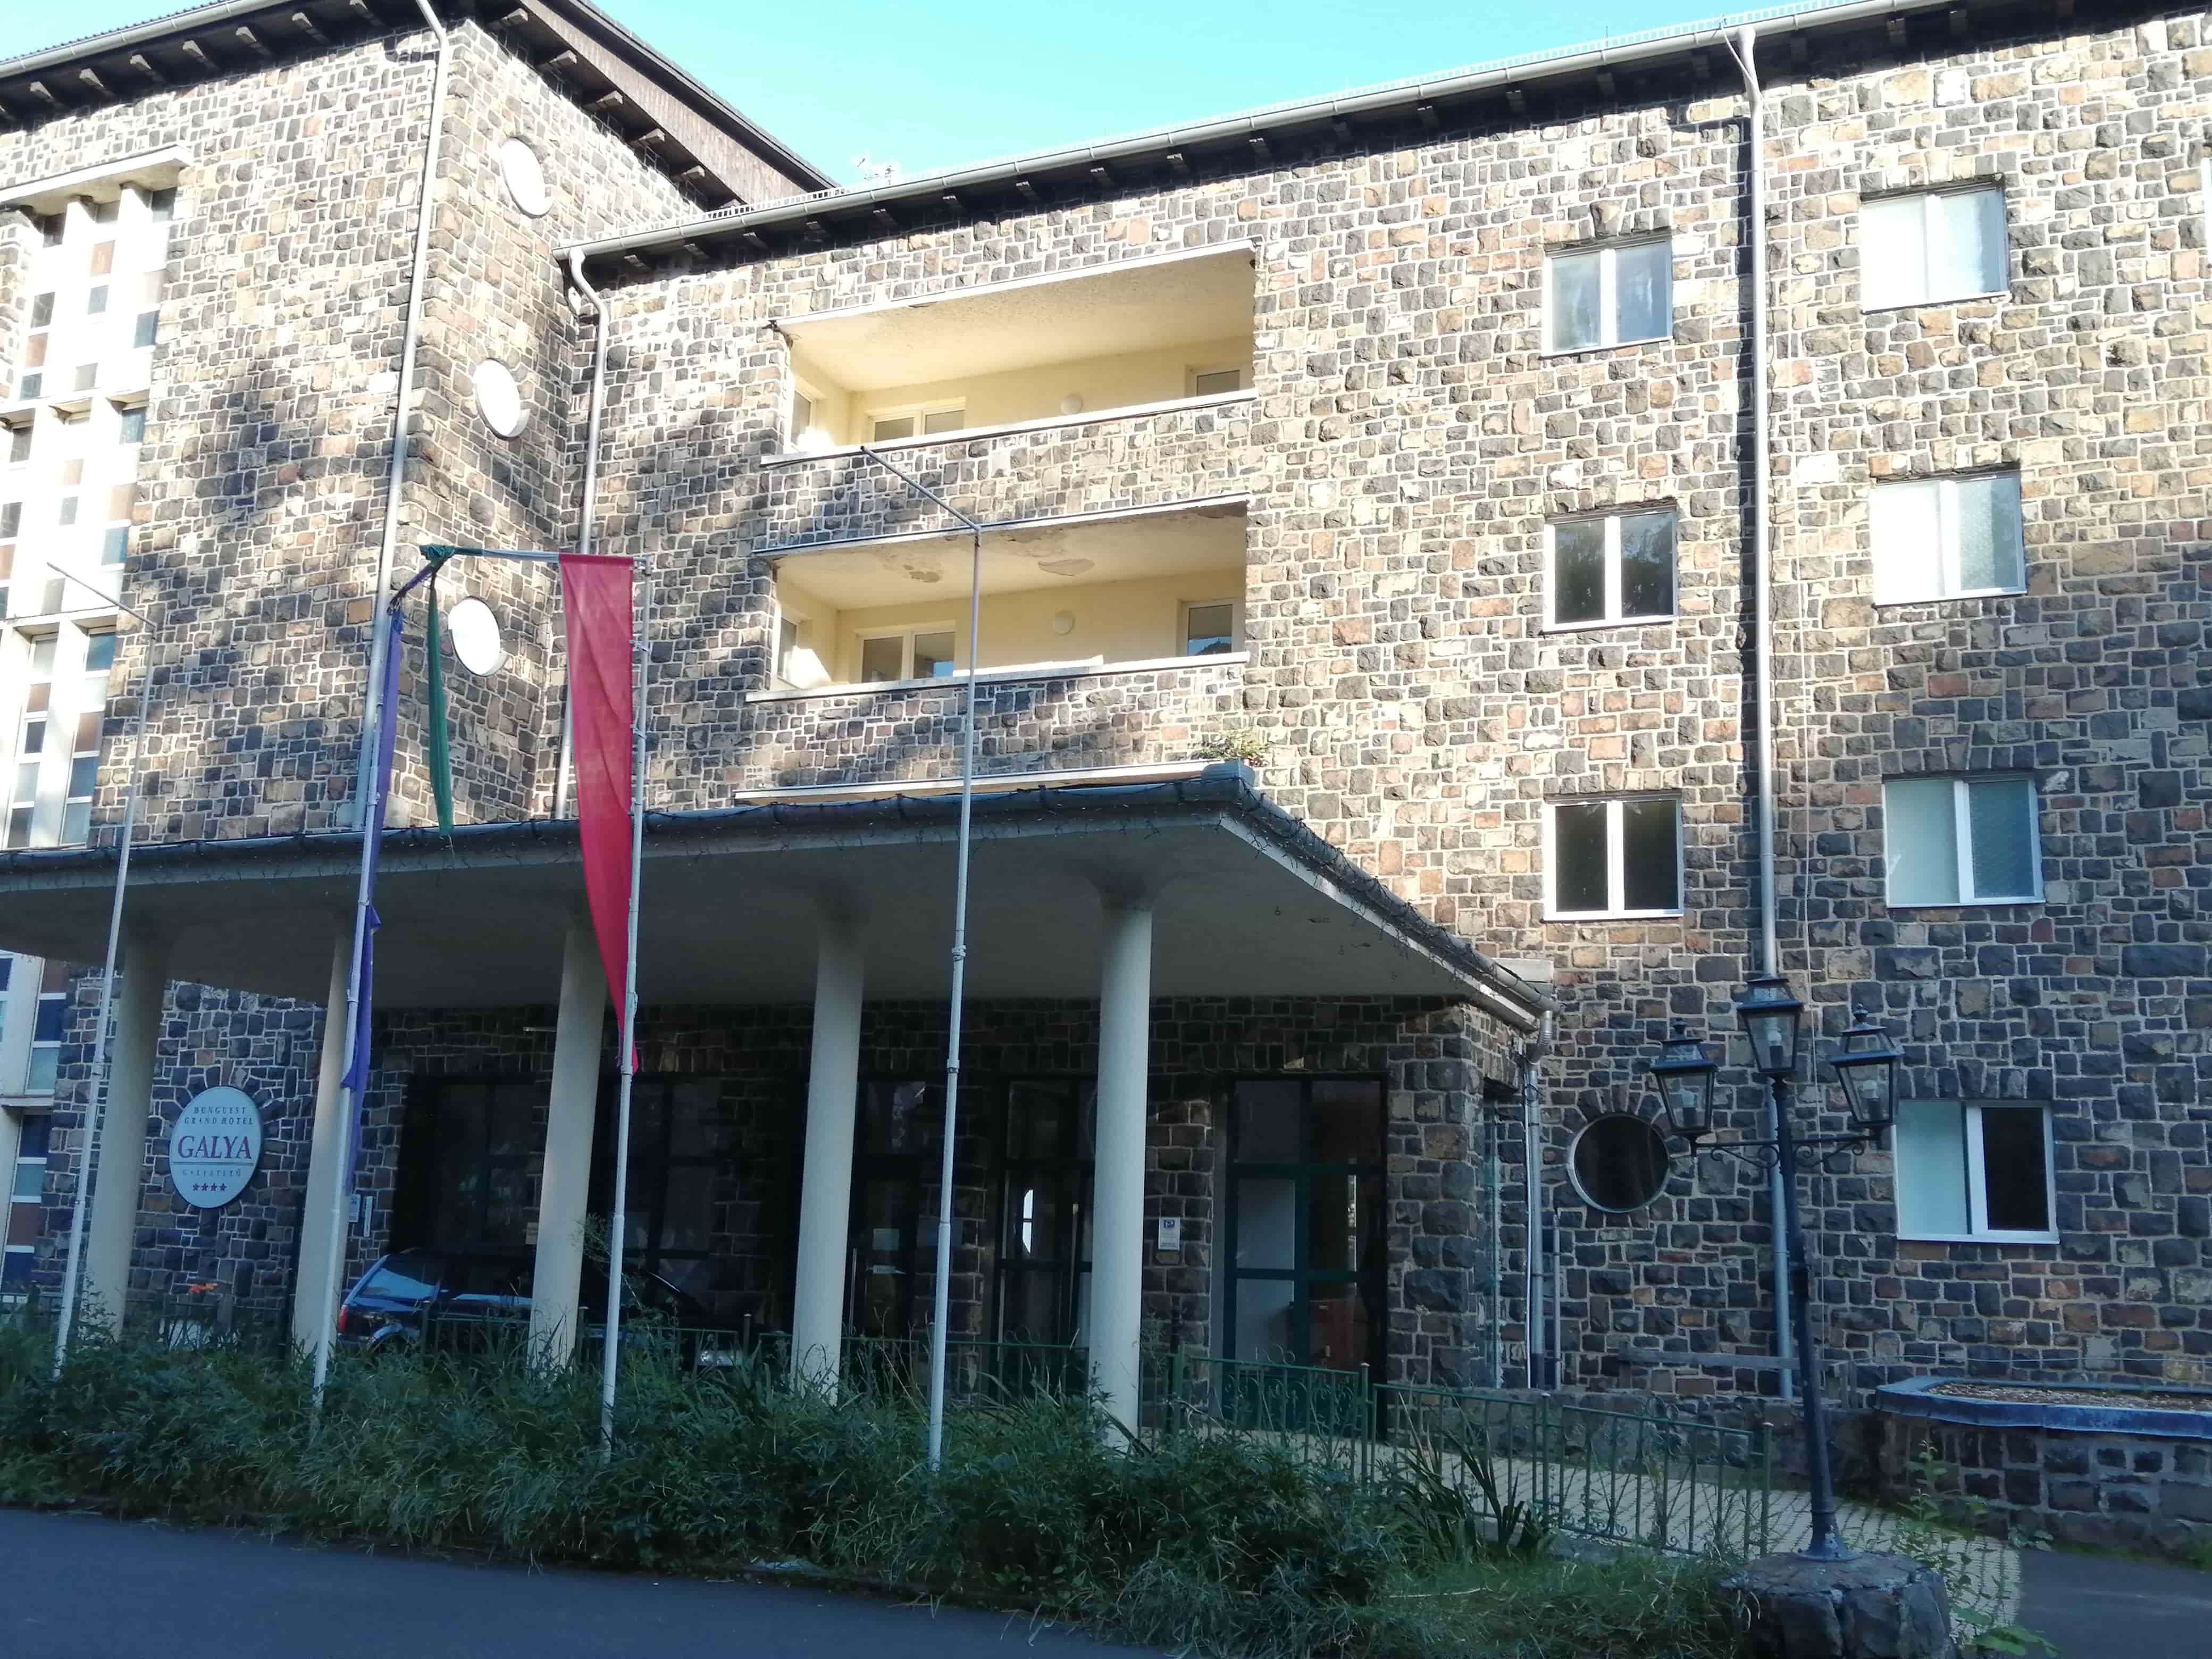 Galya hotel